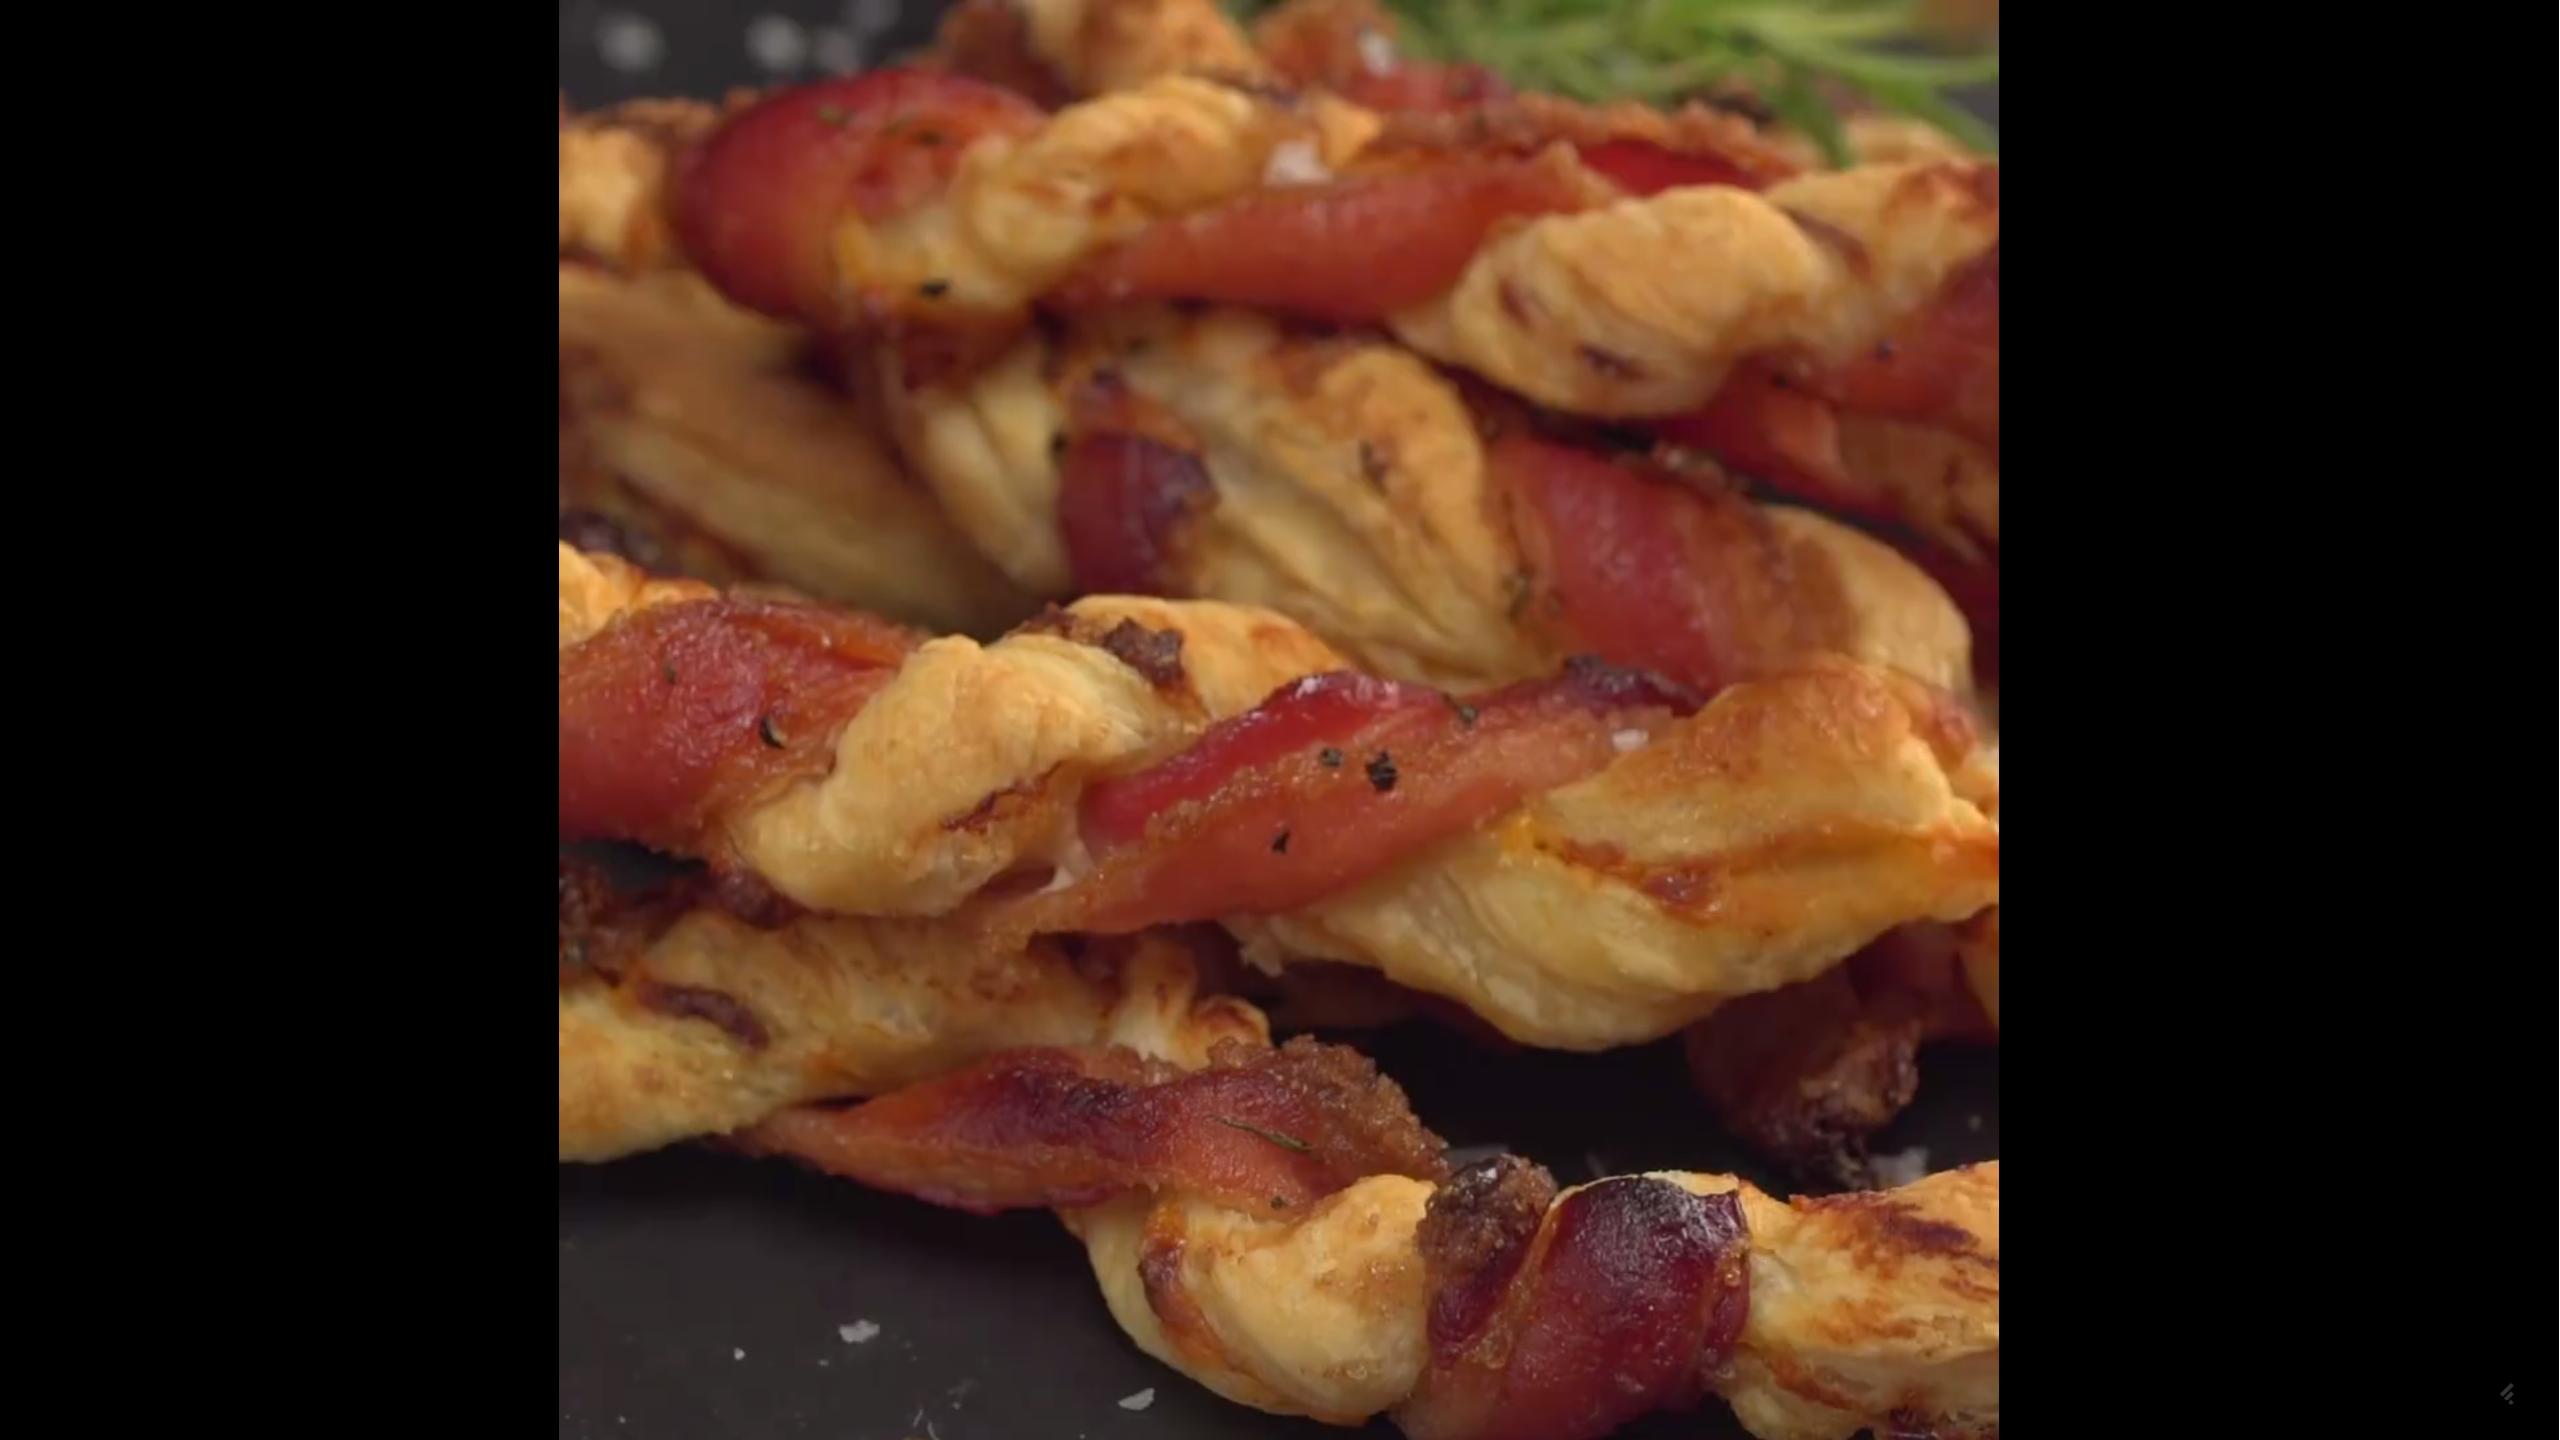 Video: Cheddar Käse & Bacon Zöpfe selber machen | foodimpress.de